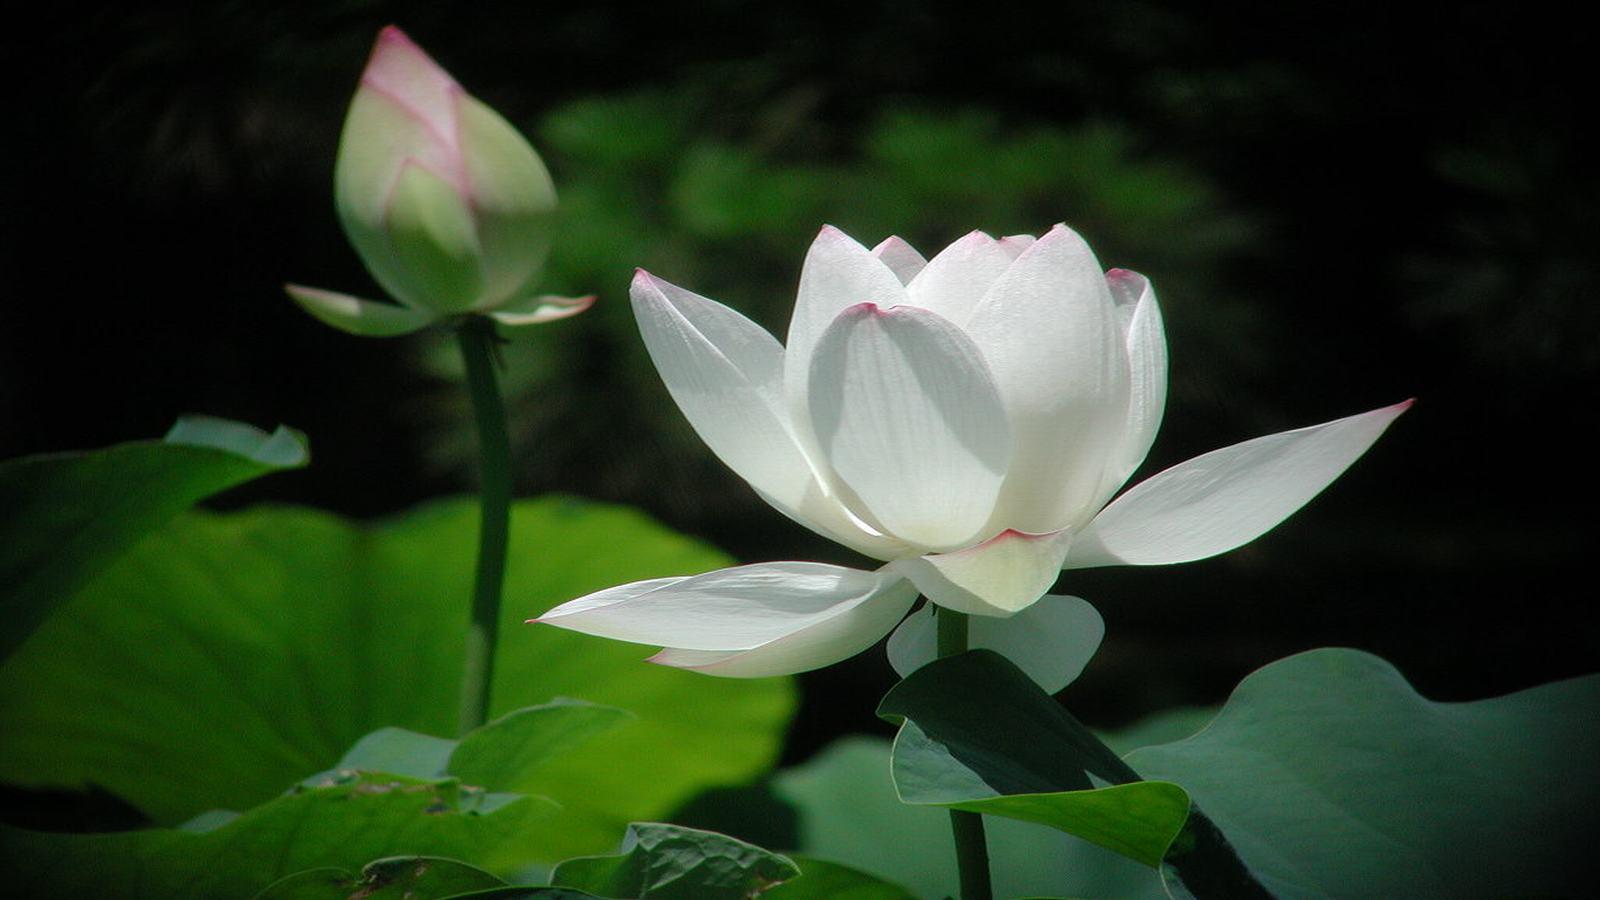 Những hình ảnh hoa sen trắng đẹp